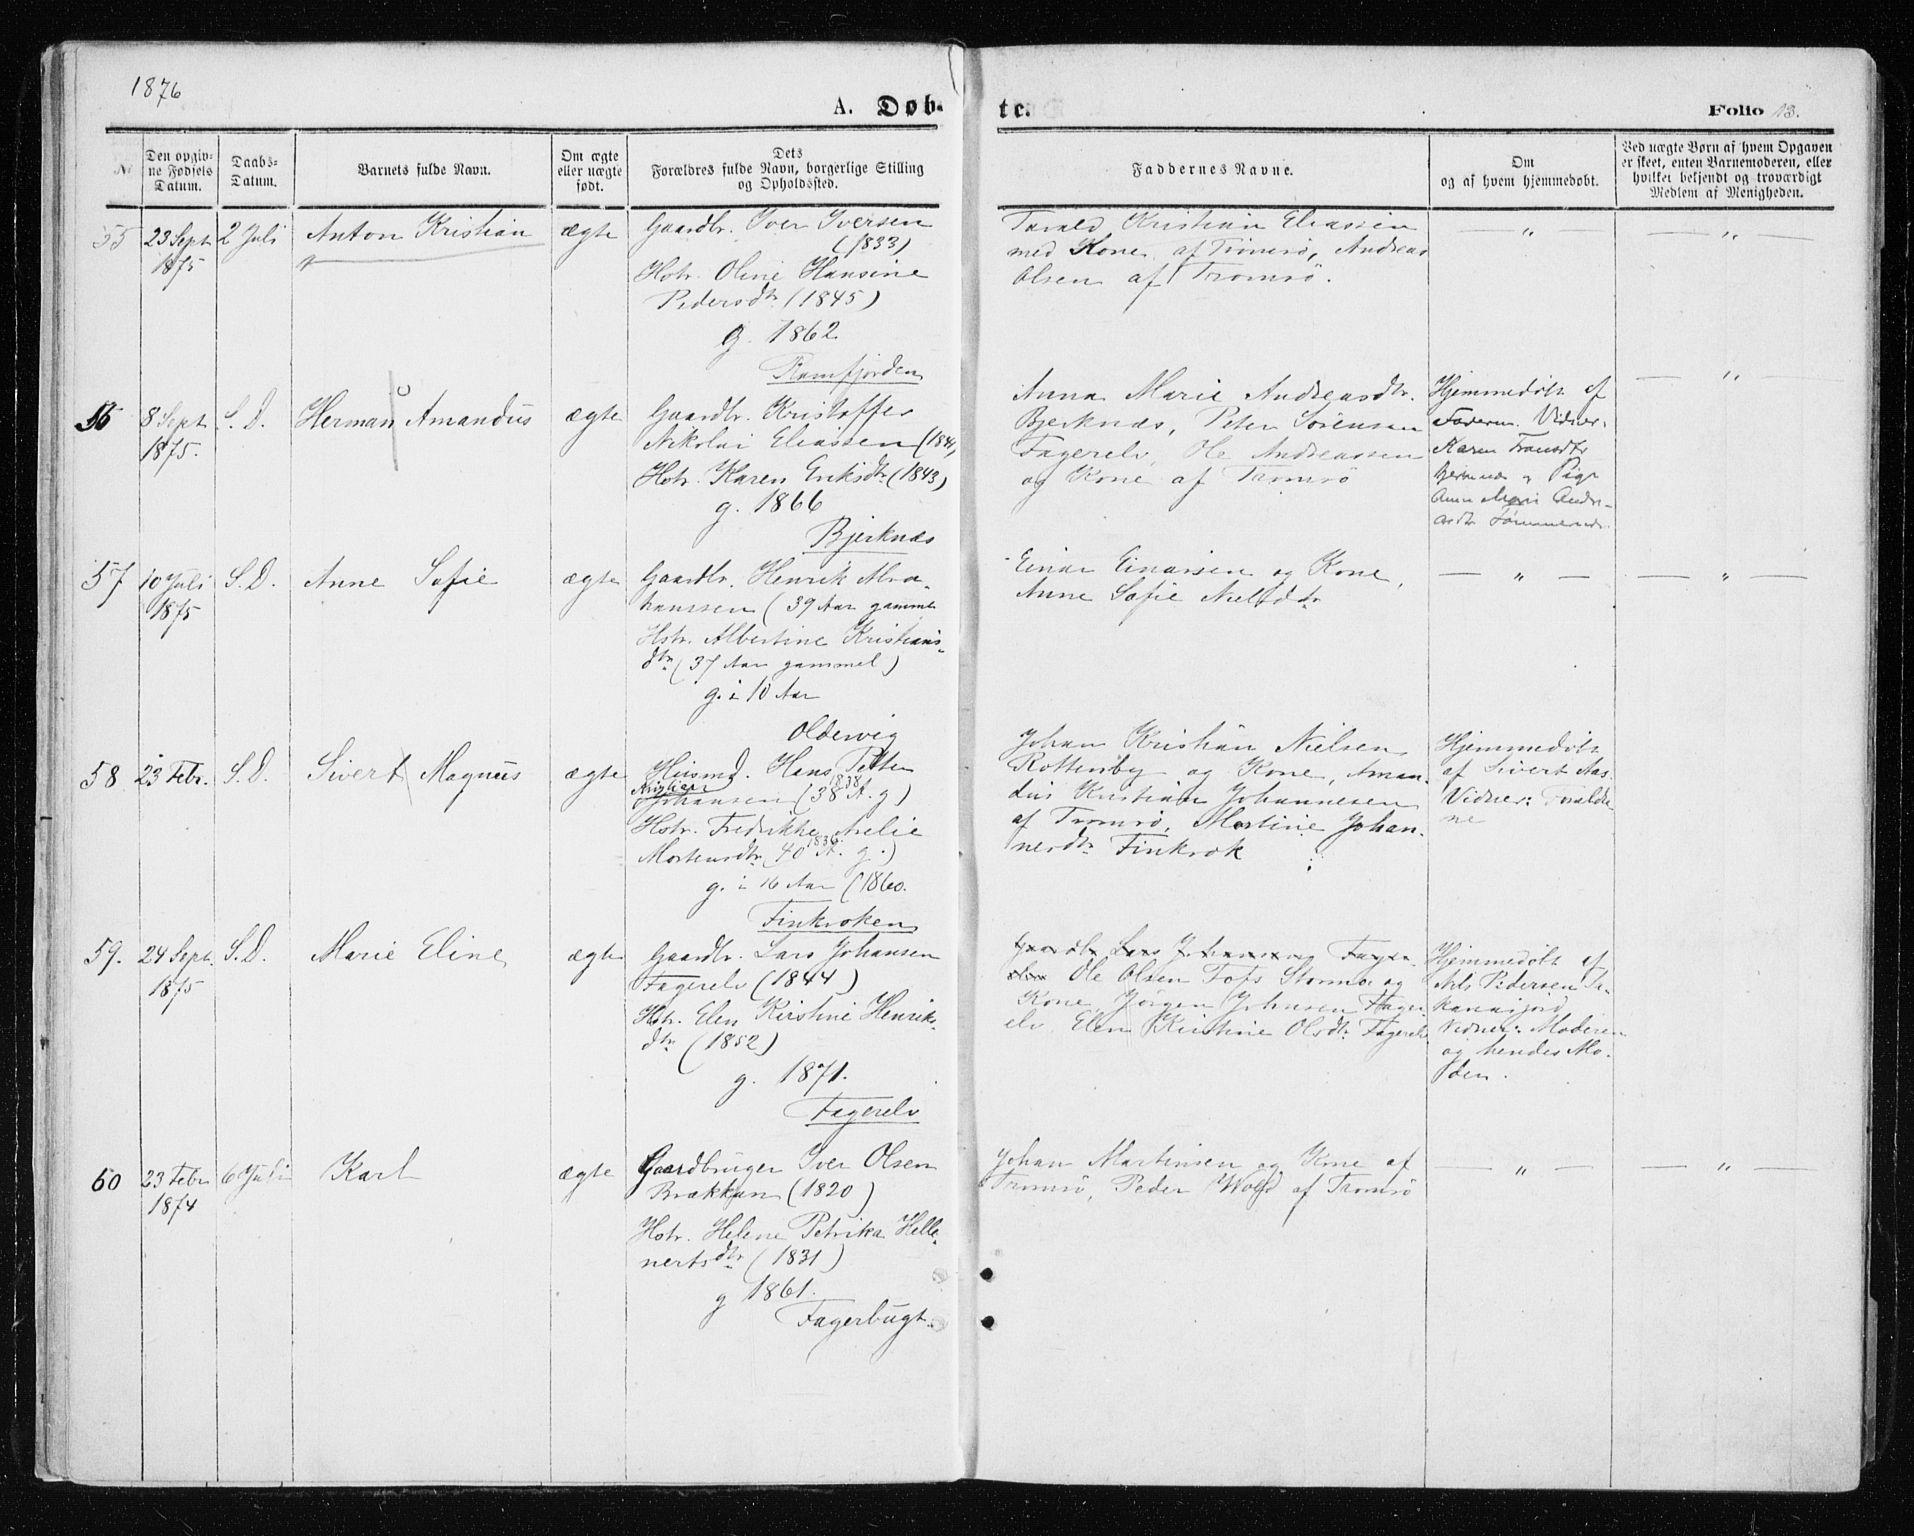 SATØ, Tromsøysund sokneprestkontor, G/Ga/L0003kirke: Ministerialbok nr. 3, 1875-1880, s. 13